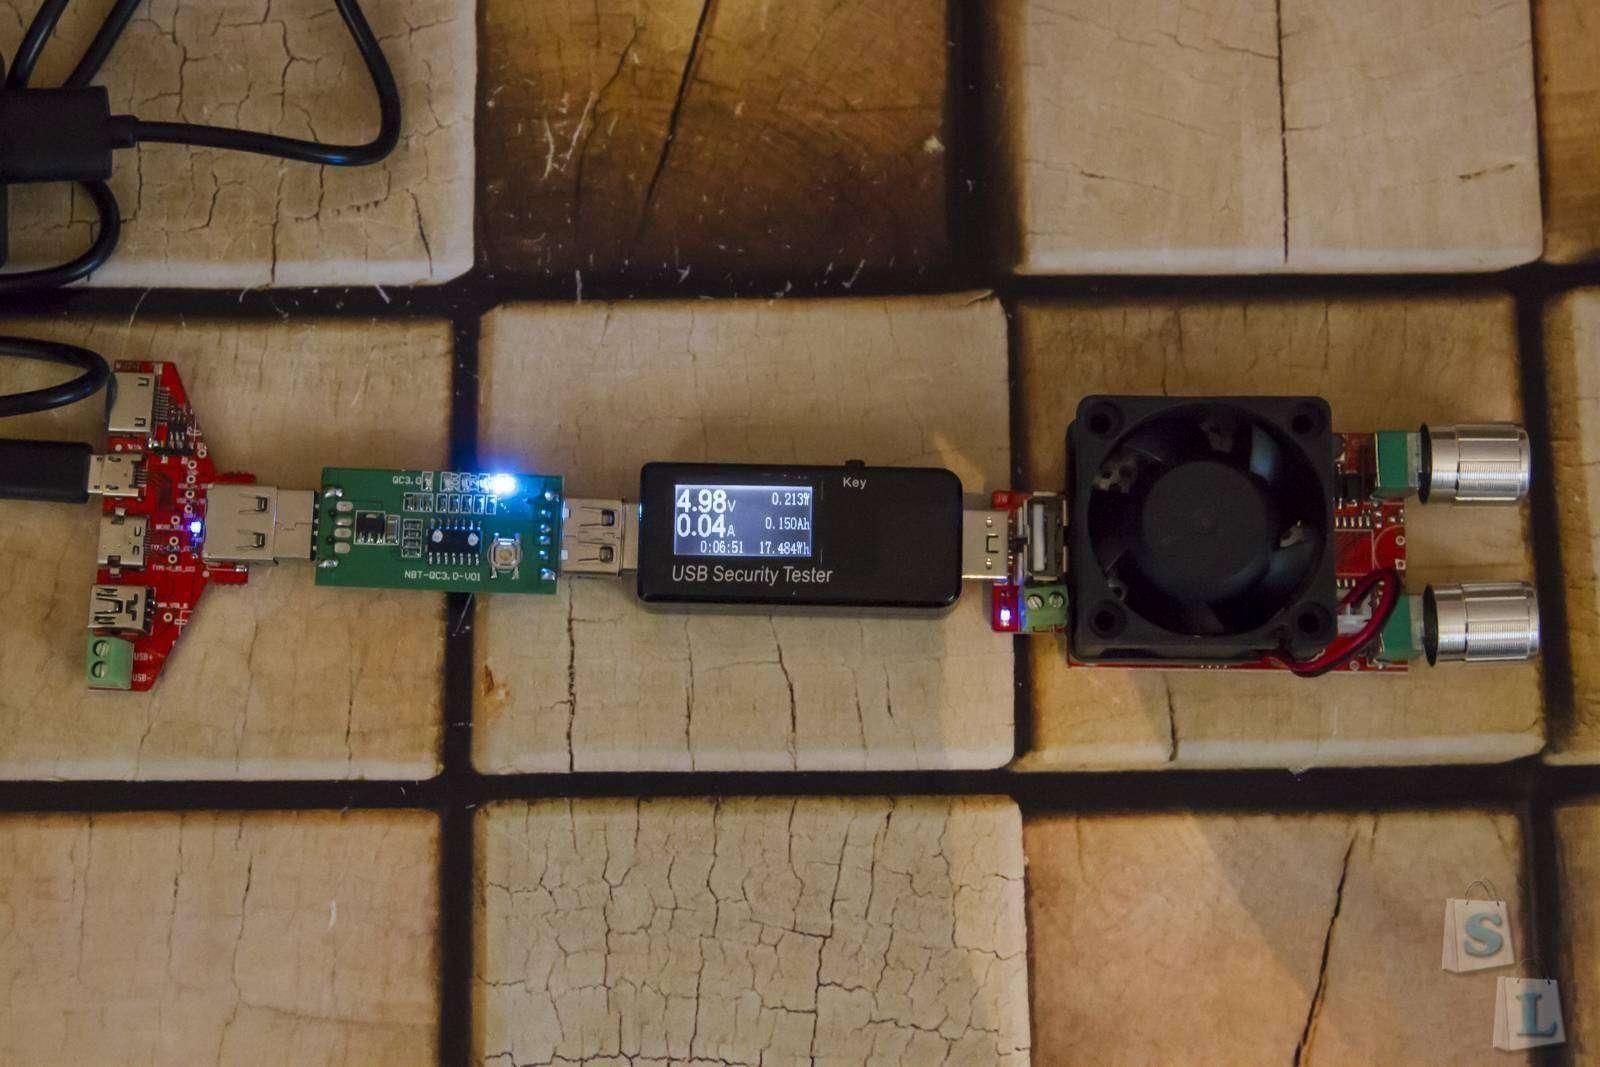 Aliexpress: Набор USB интерфейсов JUWEI для тестов кабелей, и всего чего угодно